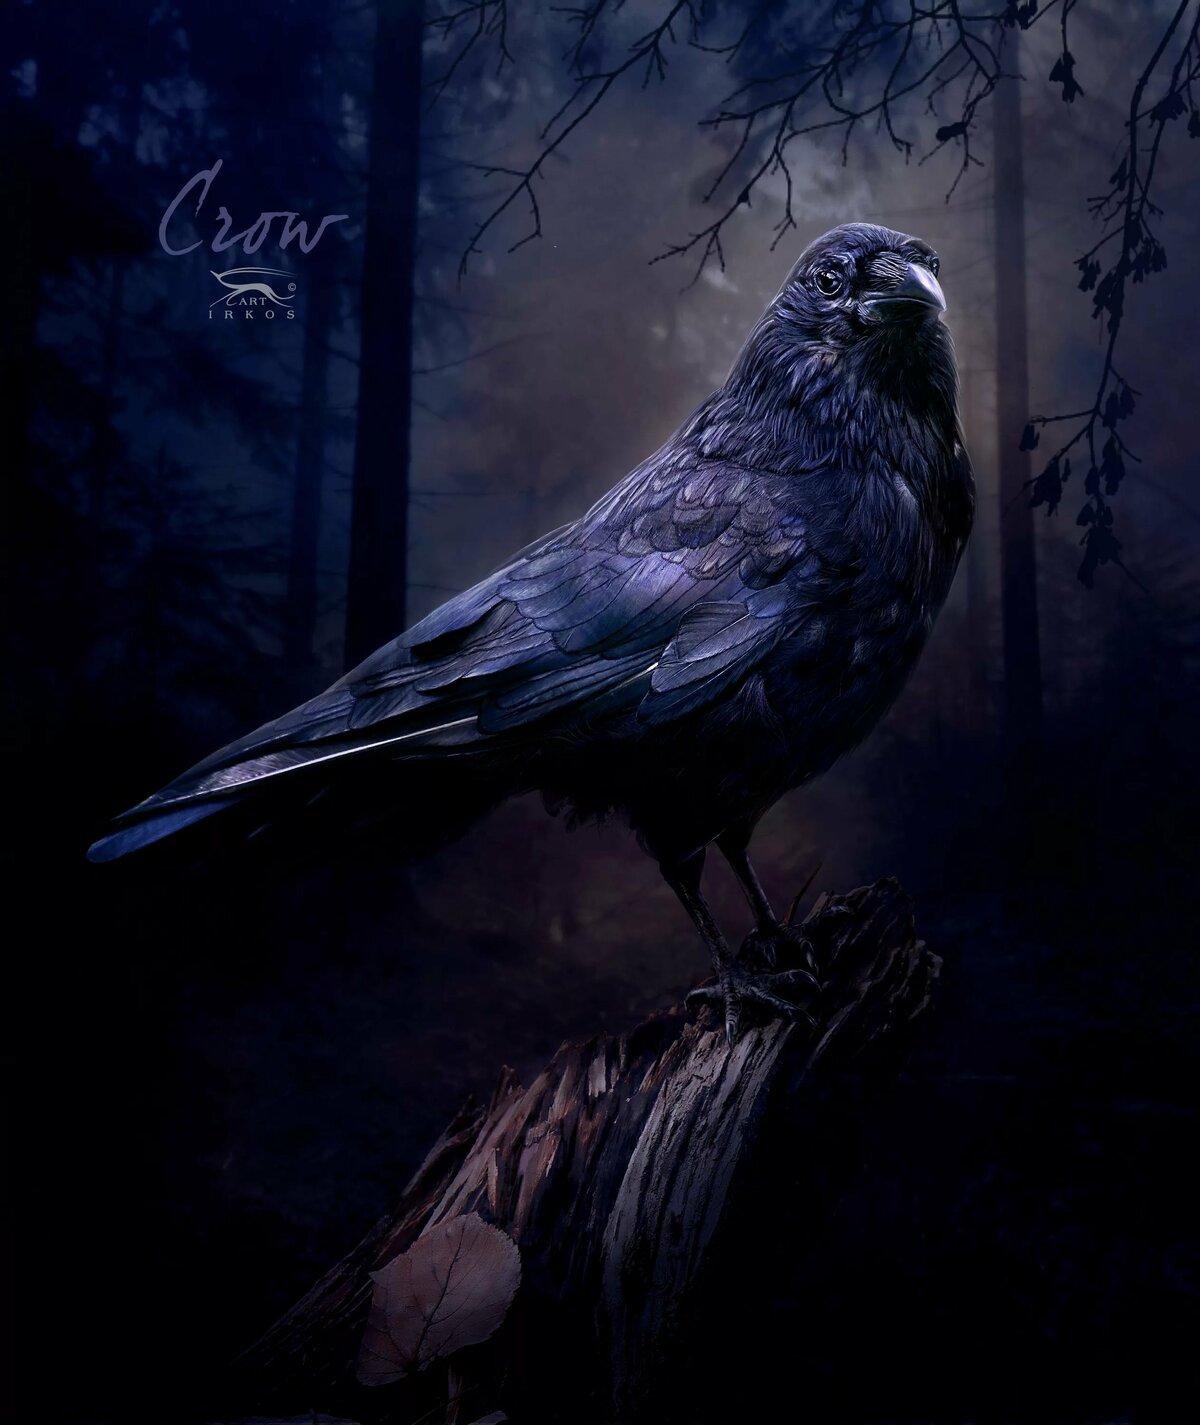 сделана картинки ворона темная крючков кронштейнов